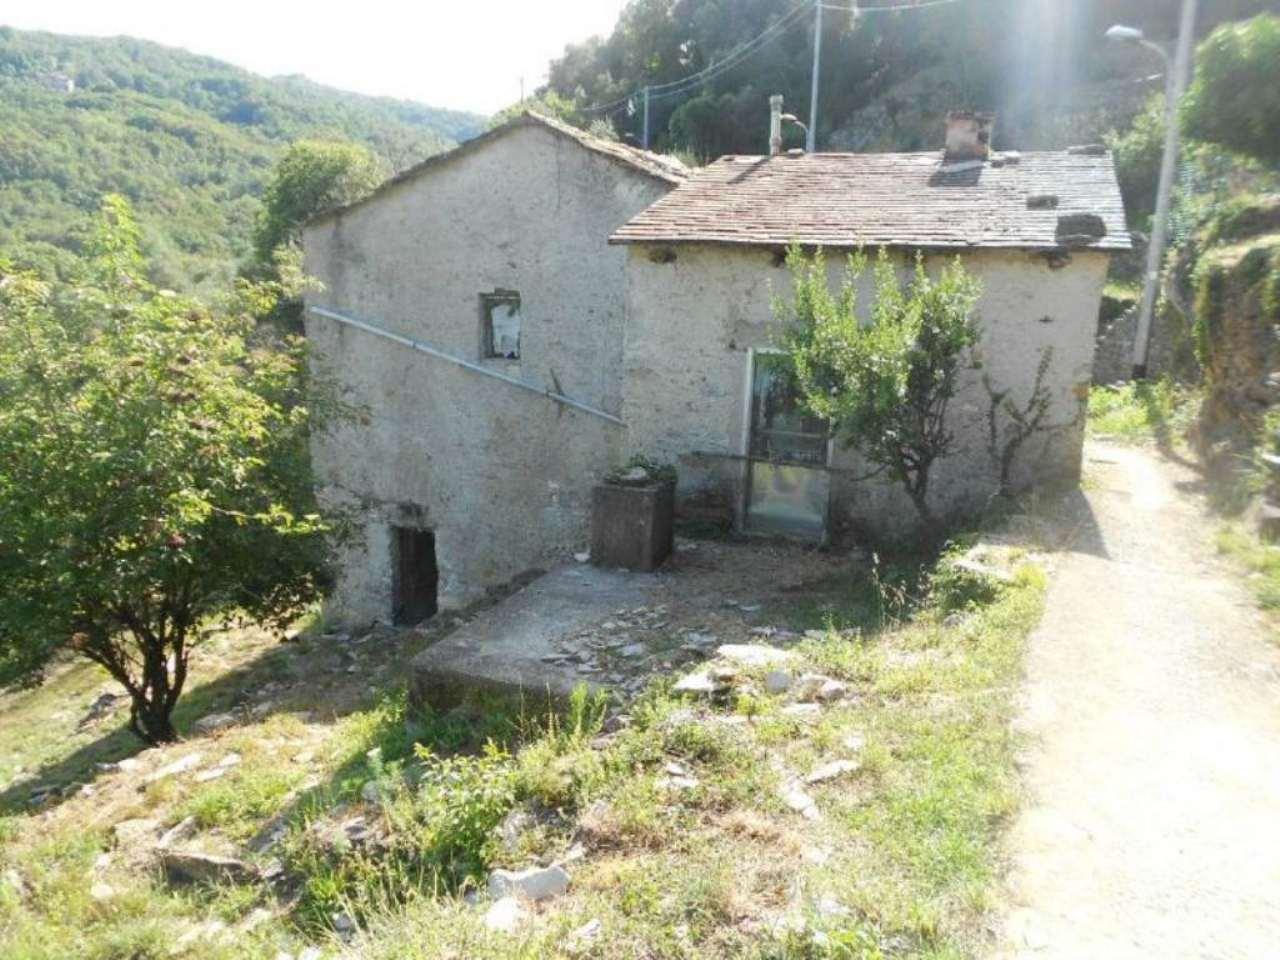 Rustico / Casale in vendita a Camogli, 10 locali, prezzo € 150.000 | Cambio Casa.it